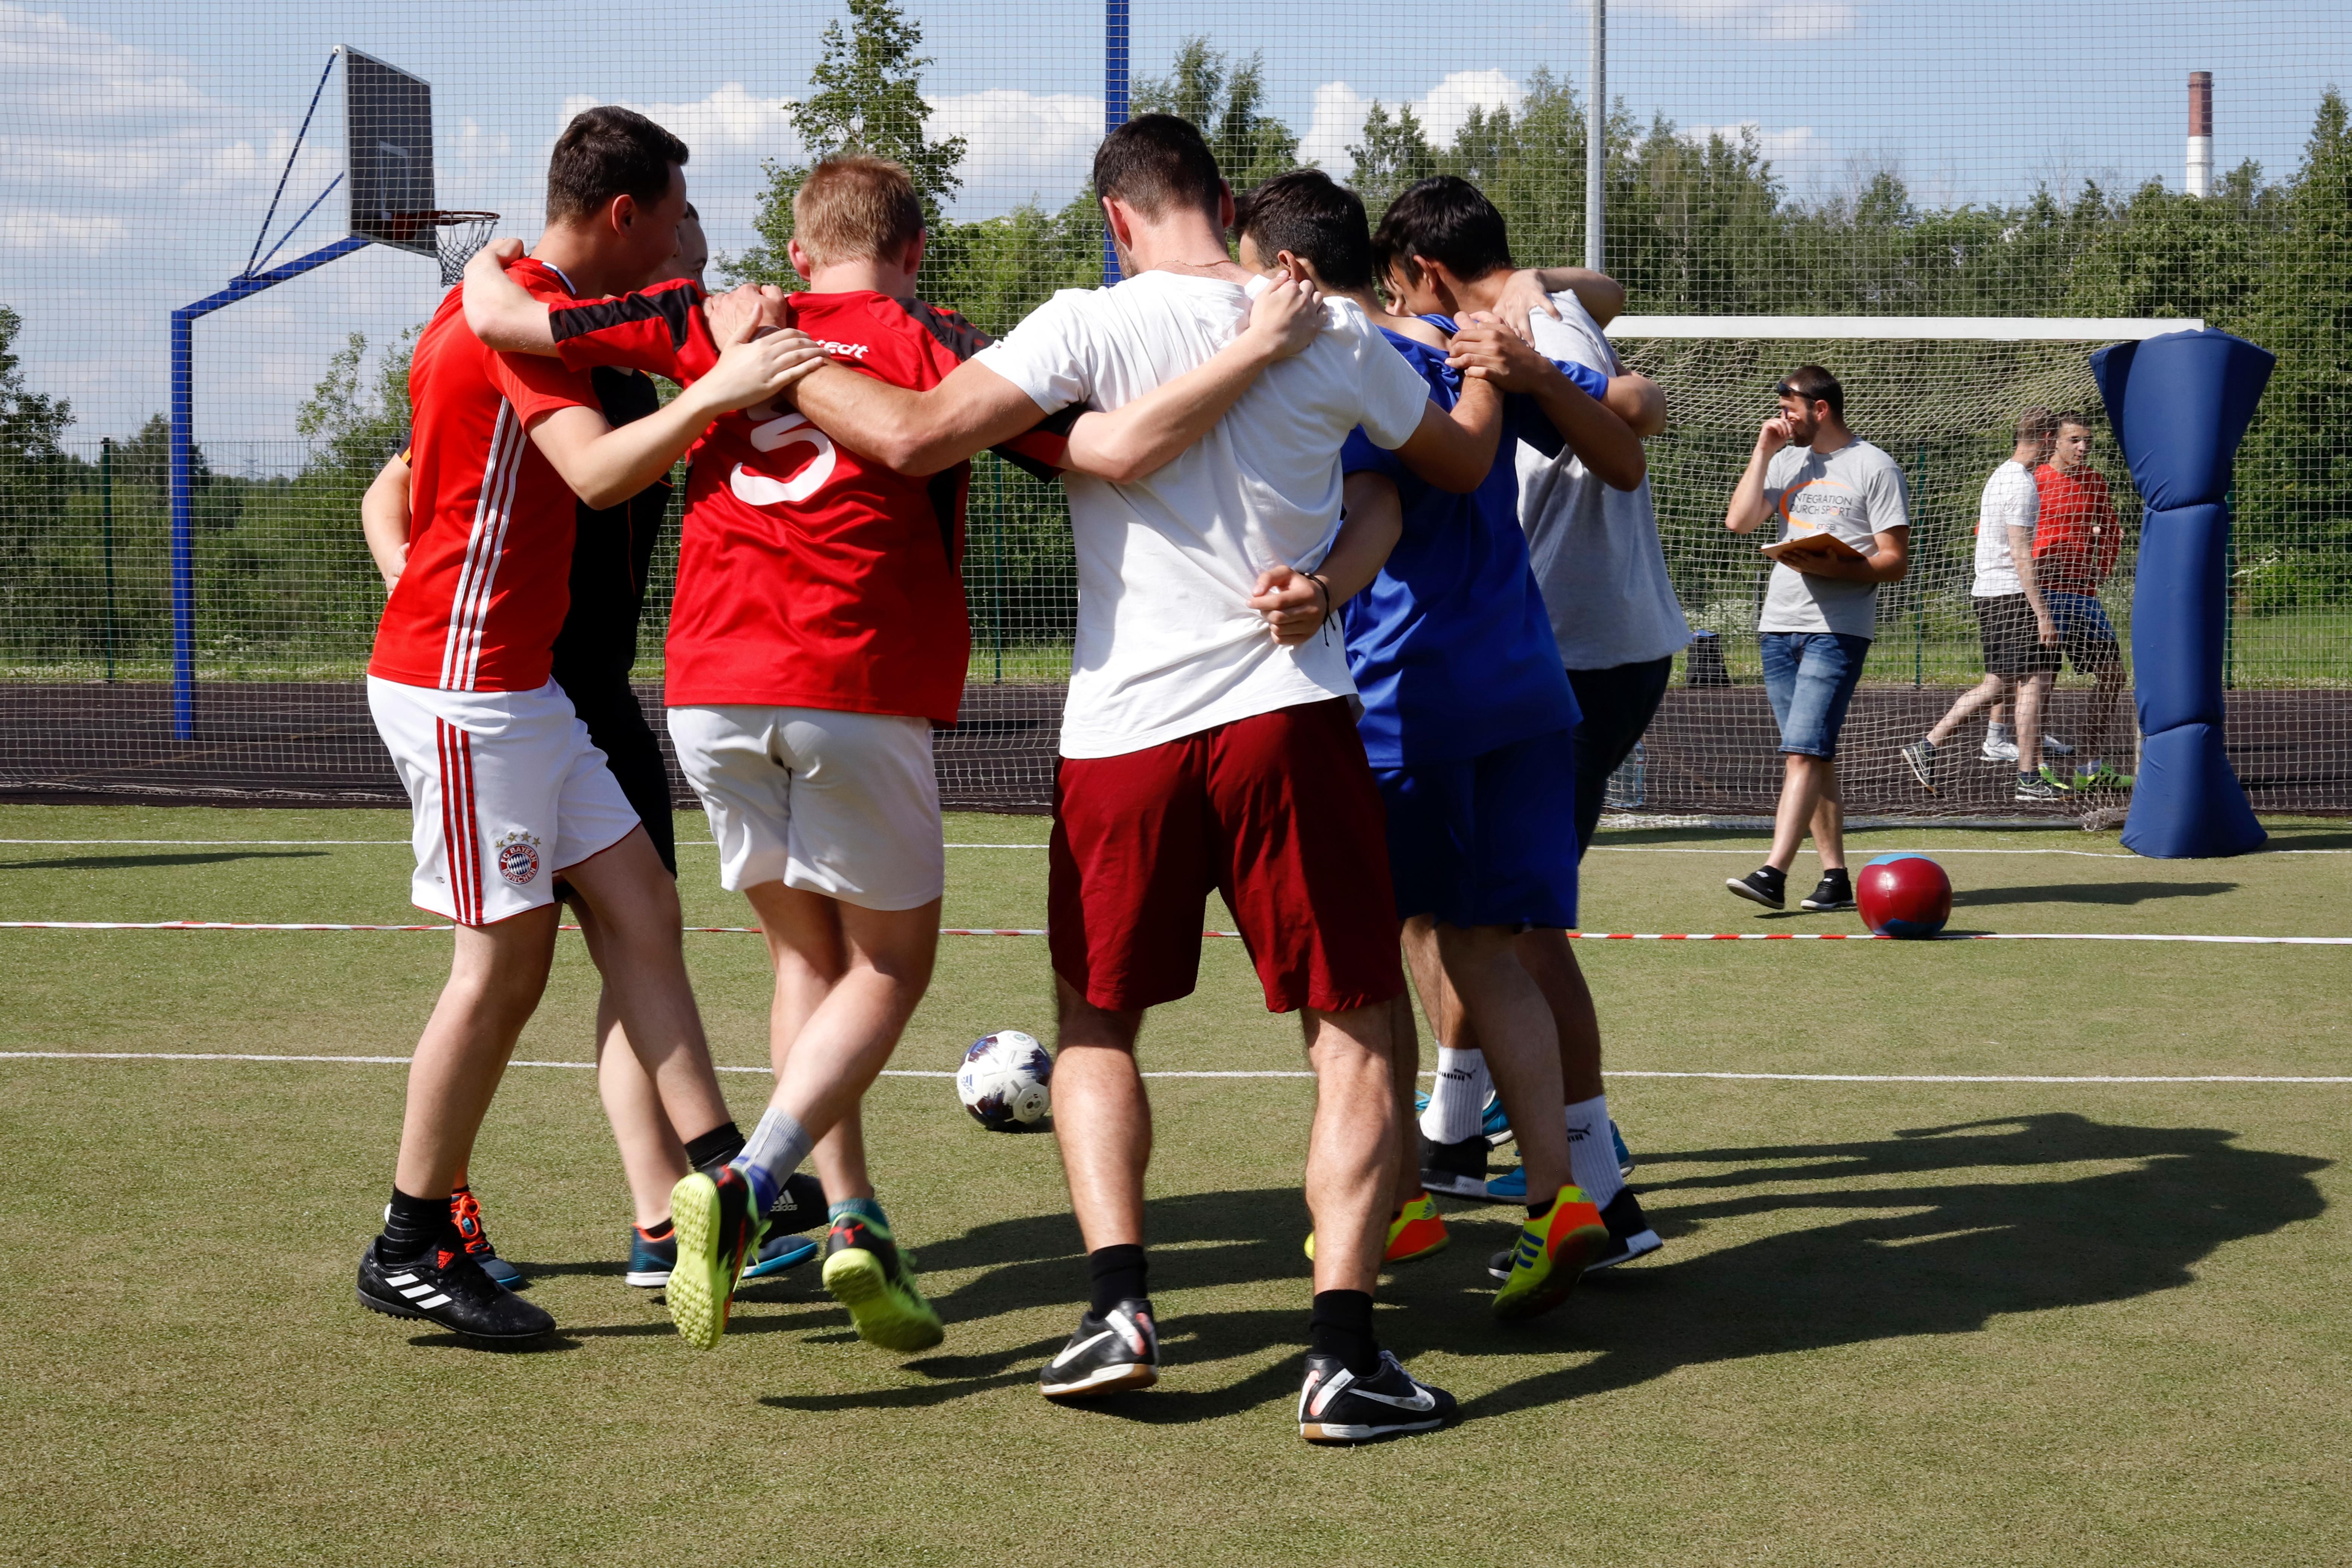 Gemeinsamer Nach-Spiel-Tanz bei den Deutsch-Russischen Fußballbrücken in Nowoje Dewjatkino / Peggy Lohse